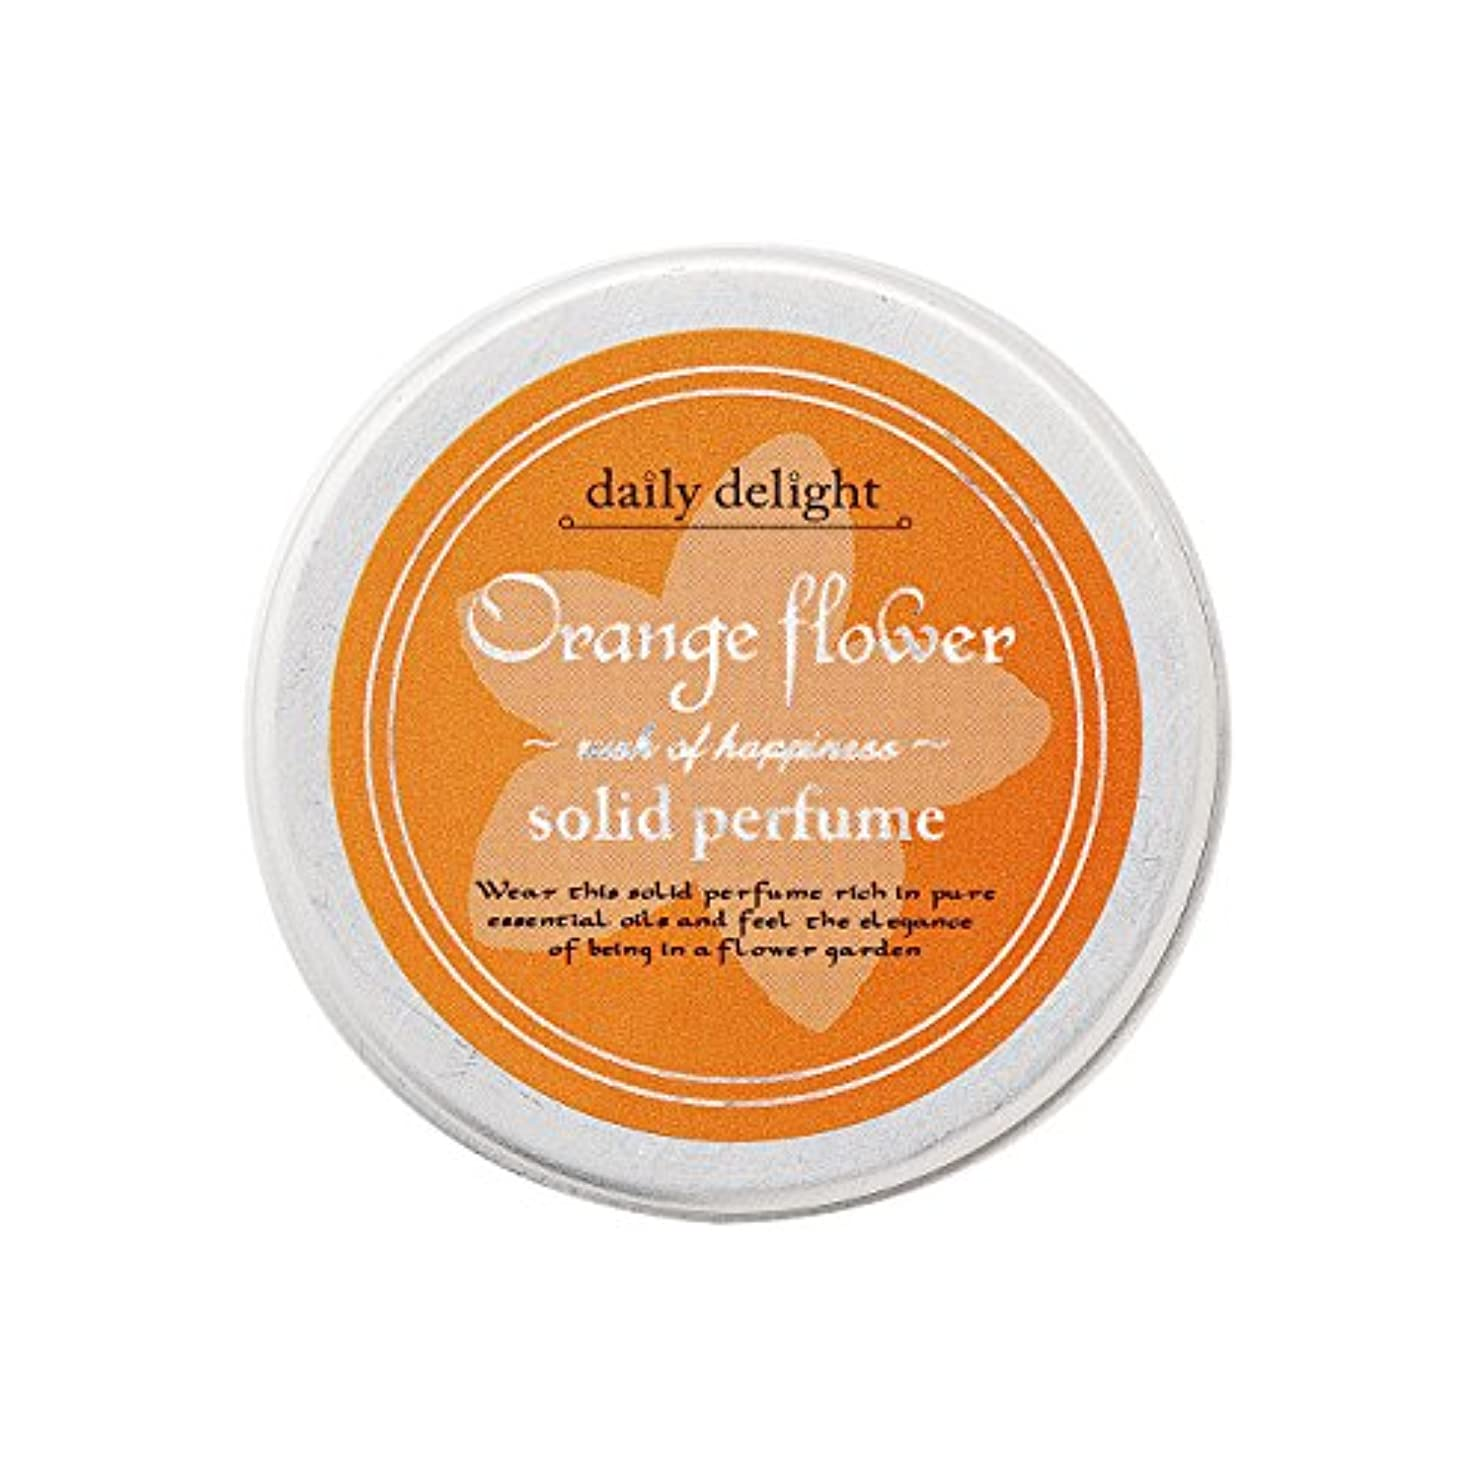 きょうだい嵐の飲み込むデイリーディライト 練り香水 オレンジフラワー  10g(香水 携帯用 ソリッドパフューム アルコールフリー なつかしい甘さが残るオレンジフラワーの香り)